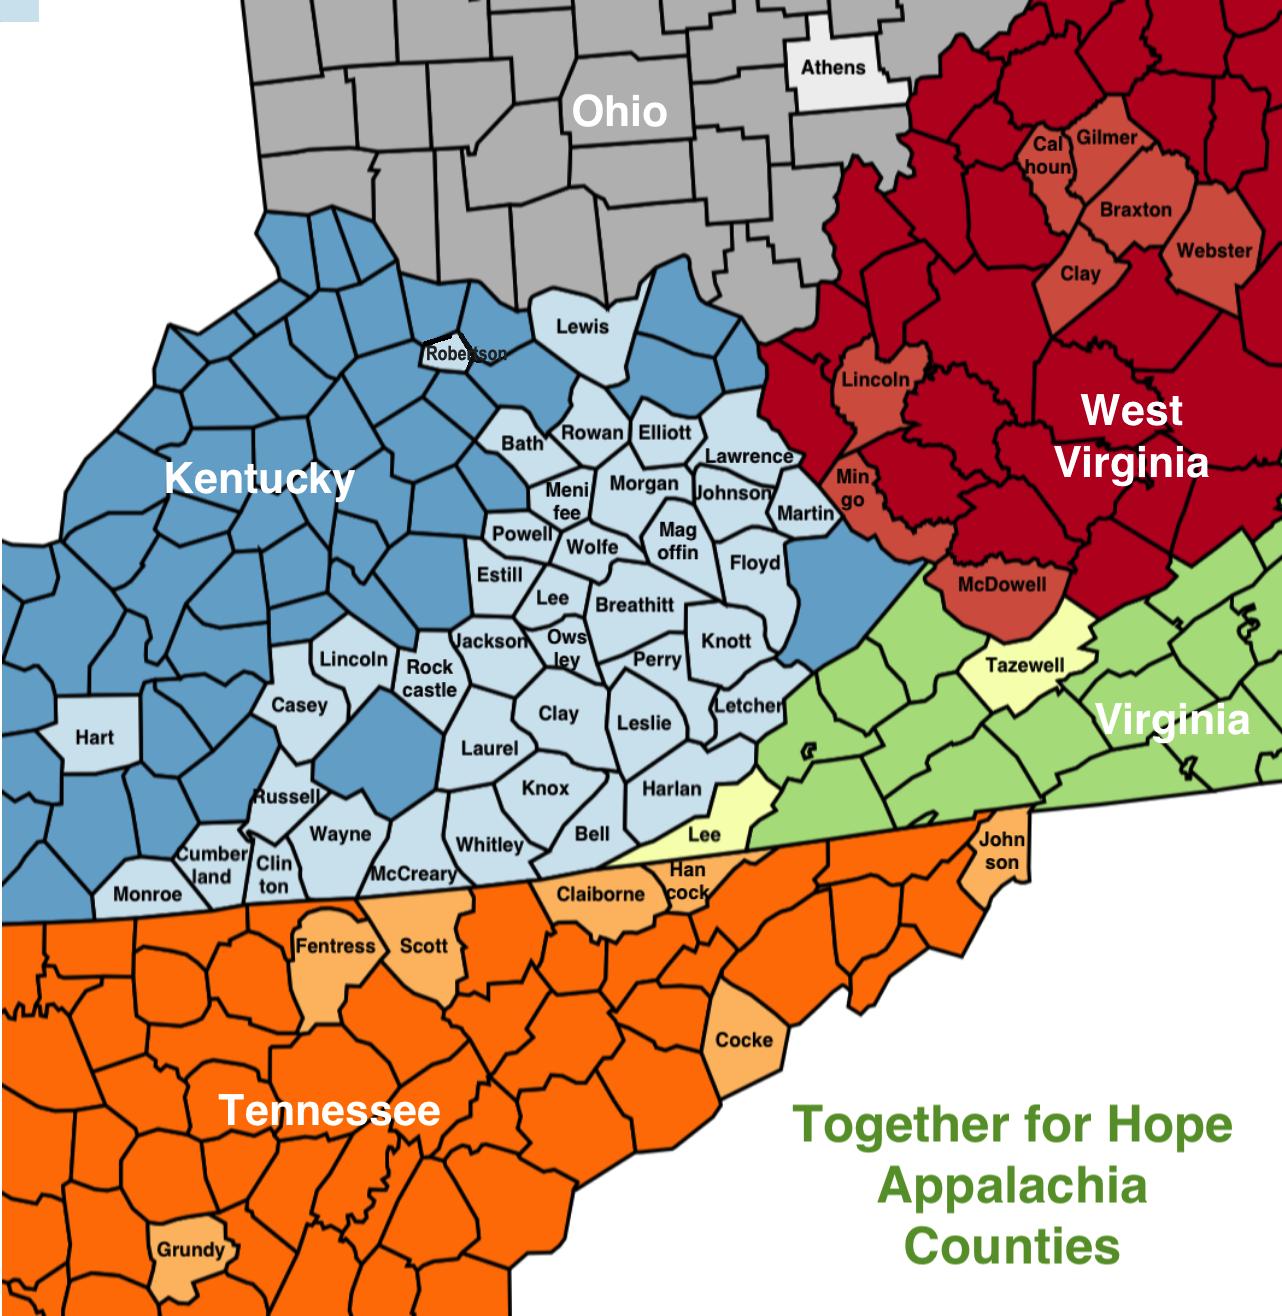 TFH+Appalachia+Counties+